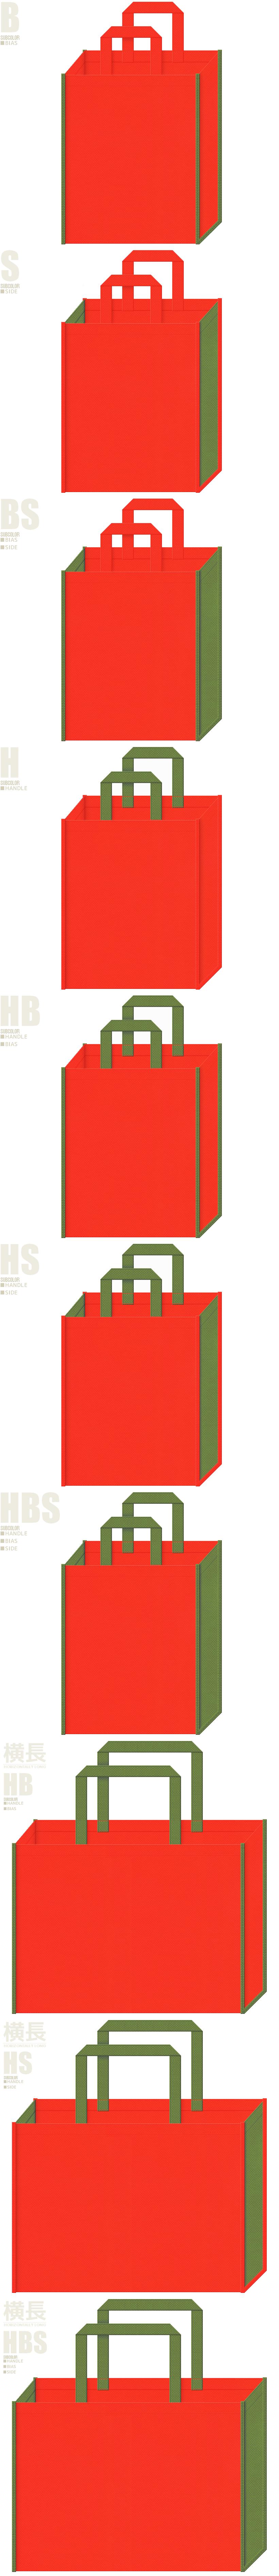 オレンジ色と草色-不織布バッグの二色配色デザイン例。抹茶オレンジ風。